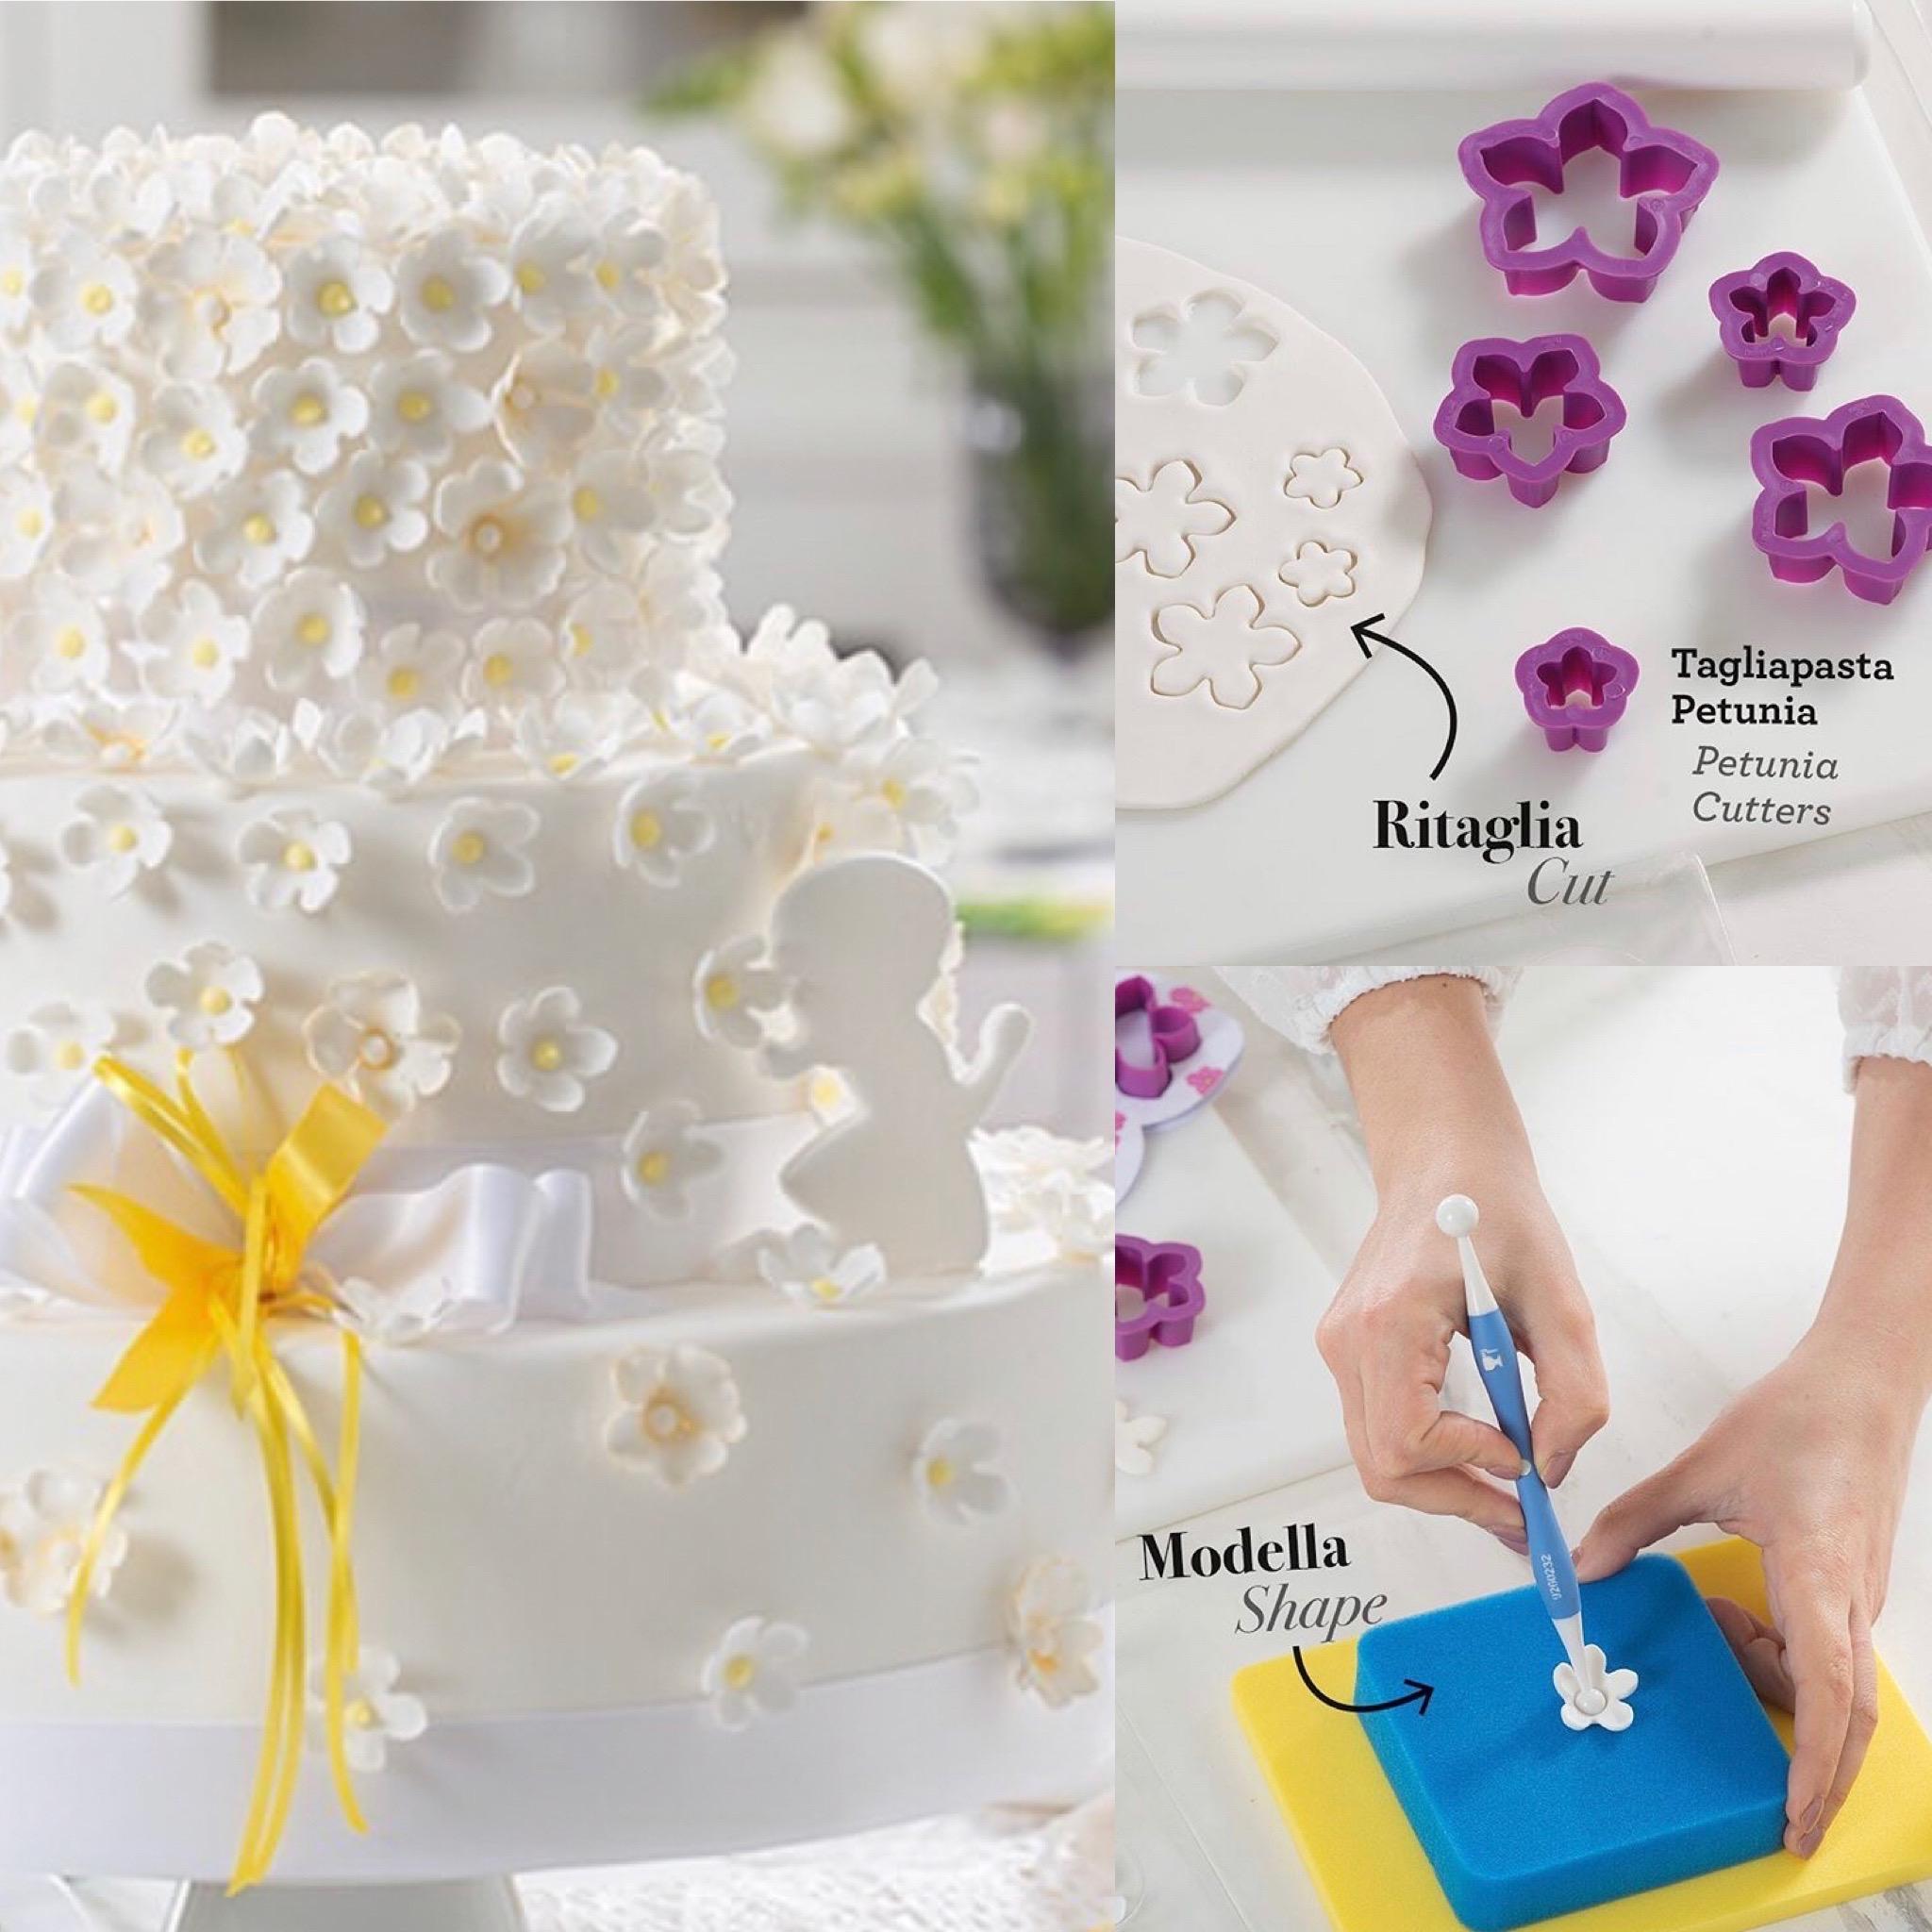 Imagen de producto: https://tienda.postreadiccion.com/img/articulos/secundarias13995-set-2-esponjas-de-modelado-2.jpeg